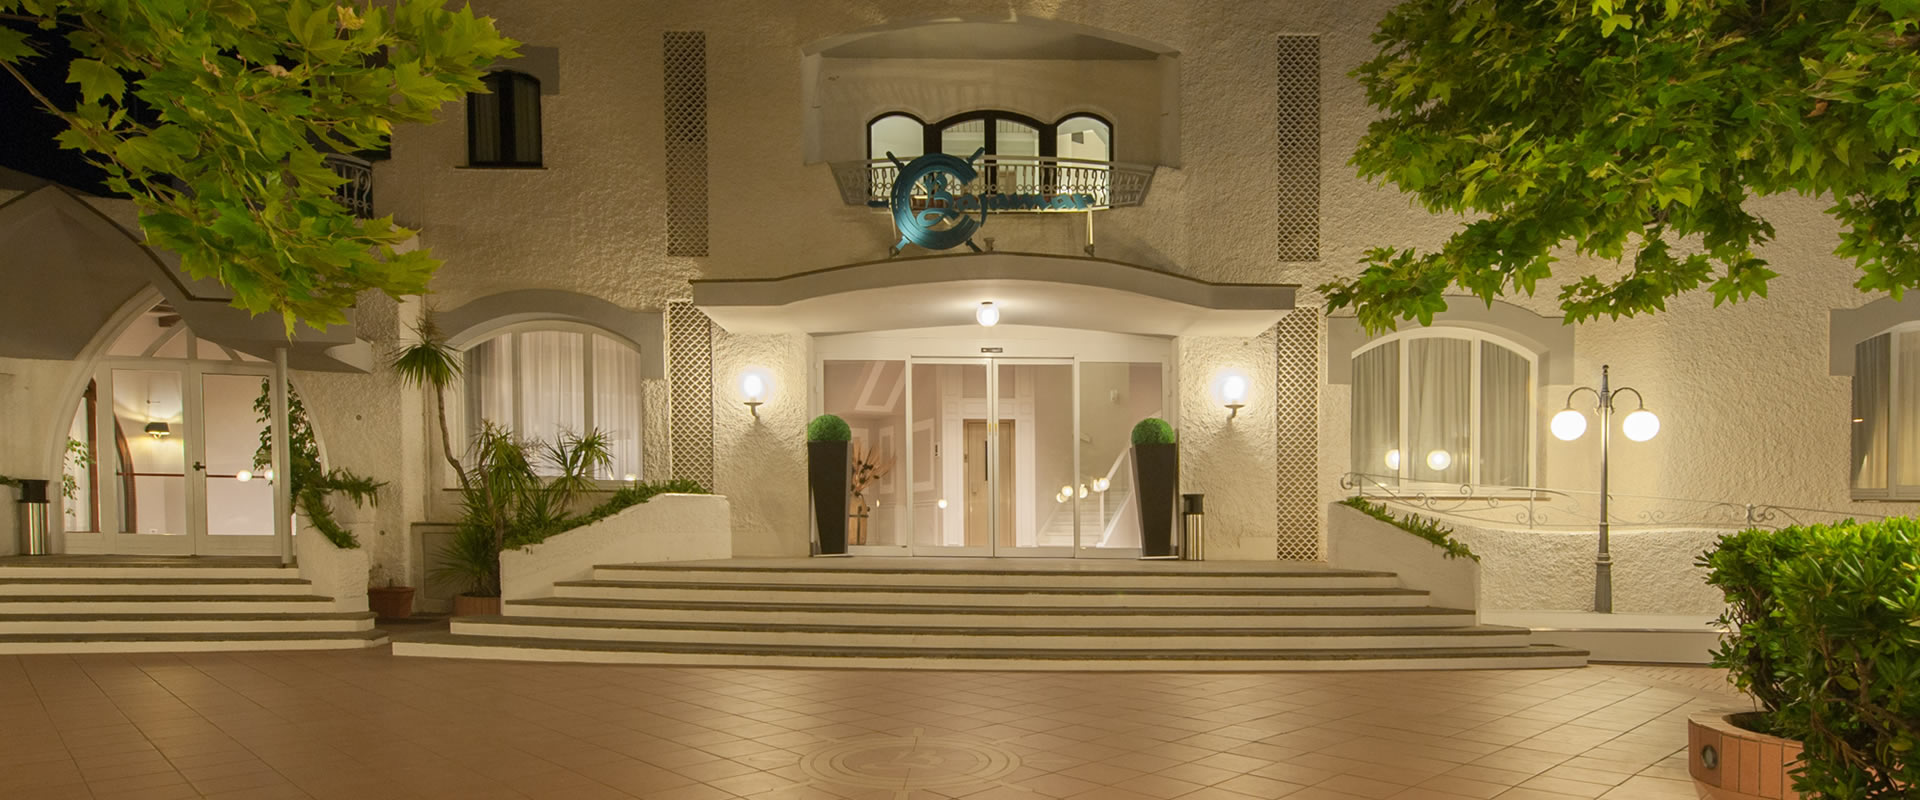 Hotel Bajamar Ingresso